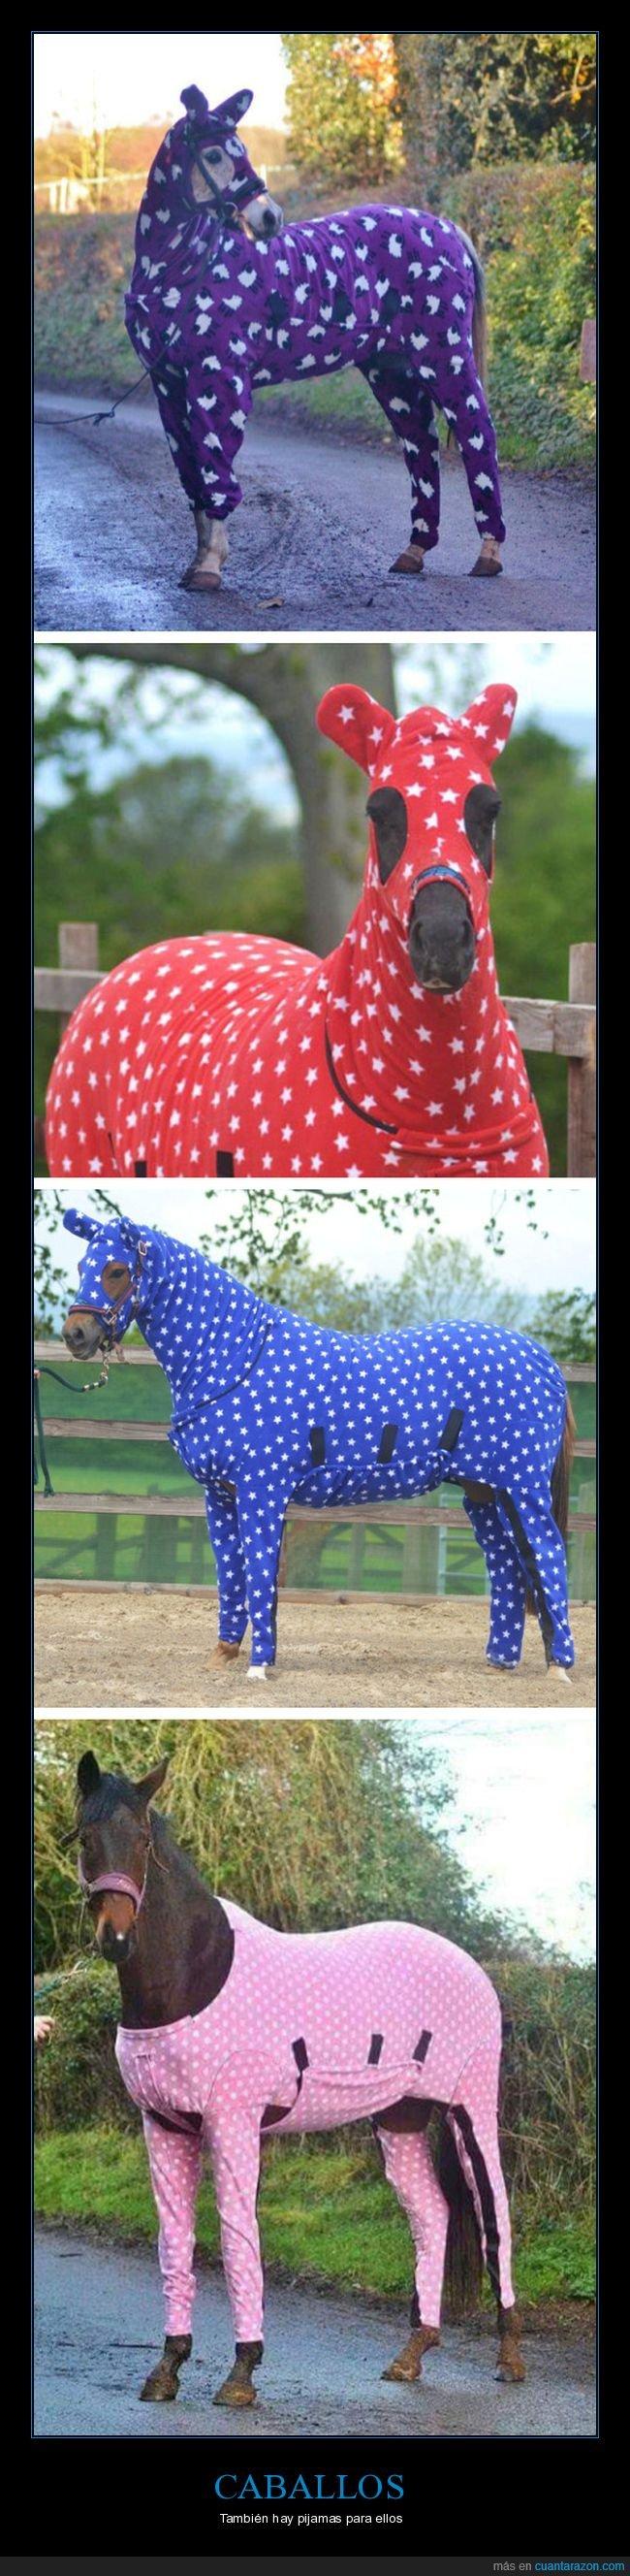 caballos,pijama,pijamas